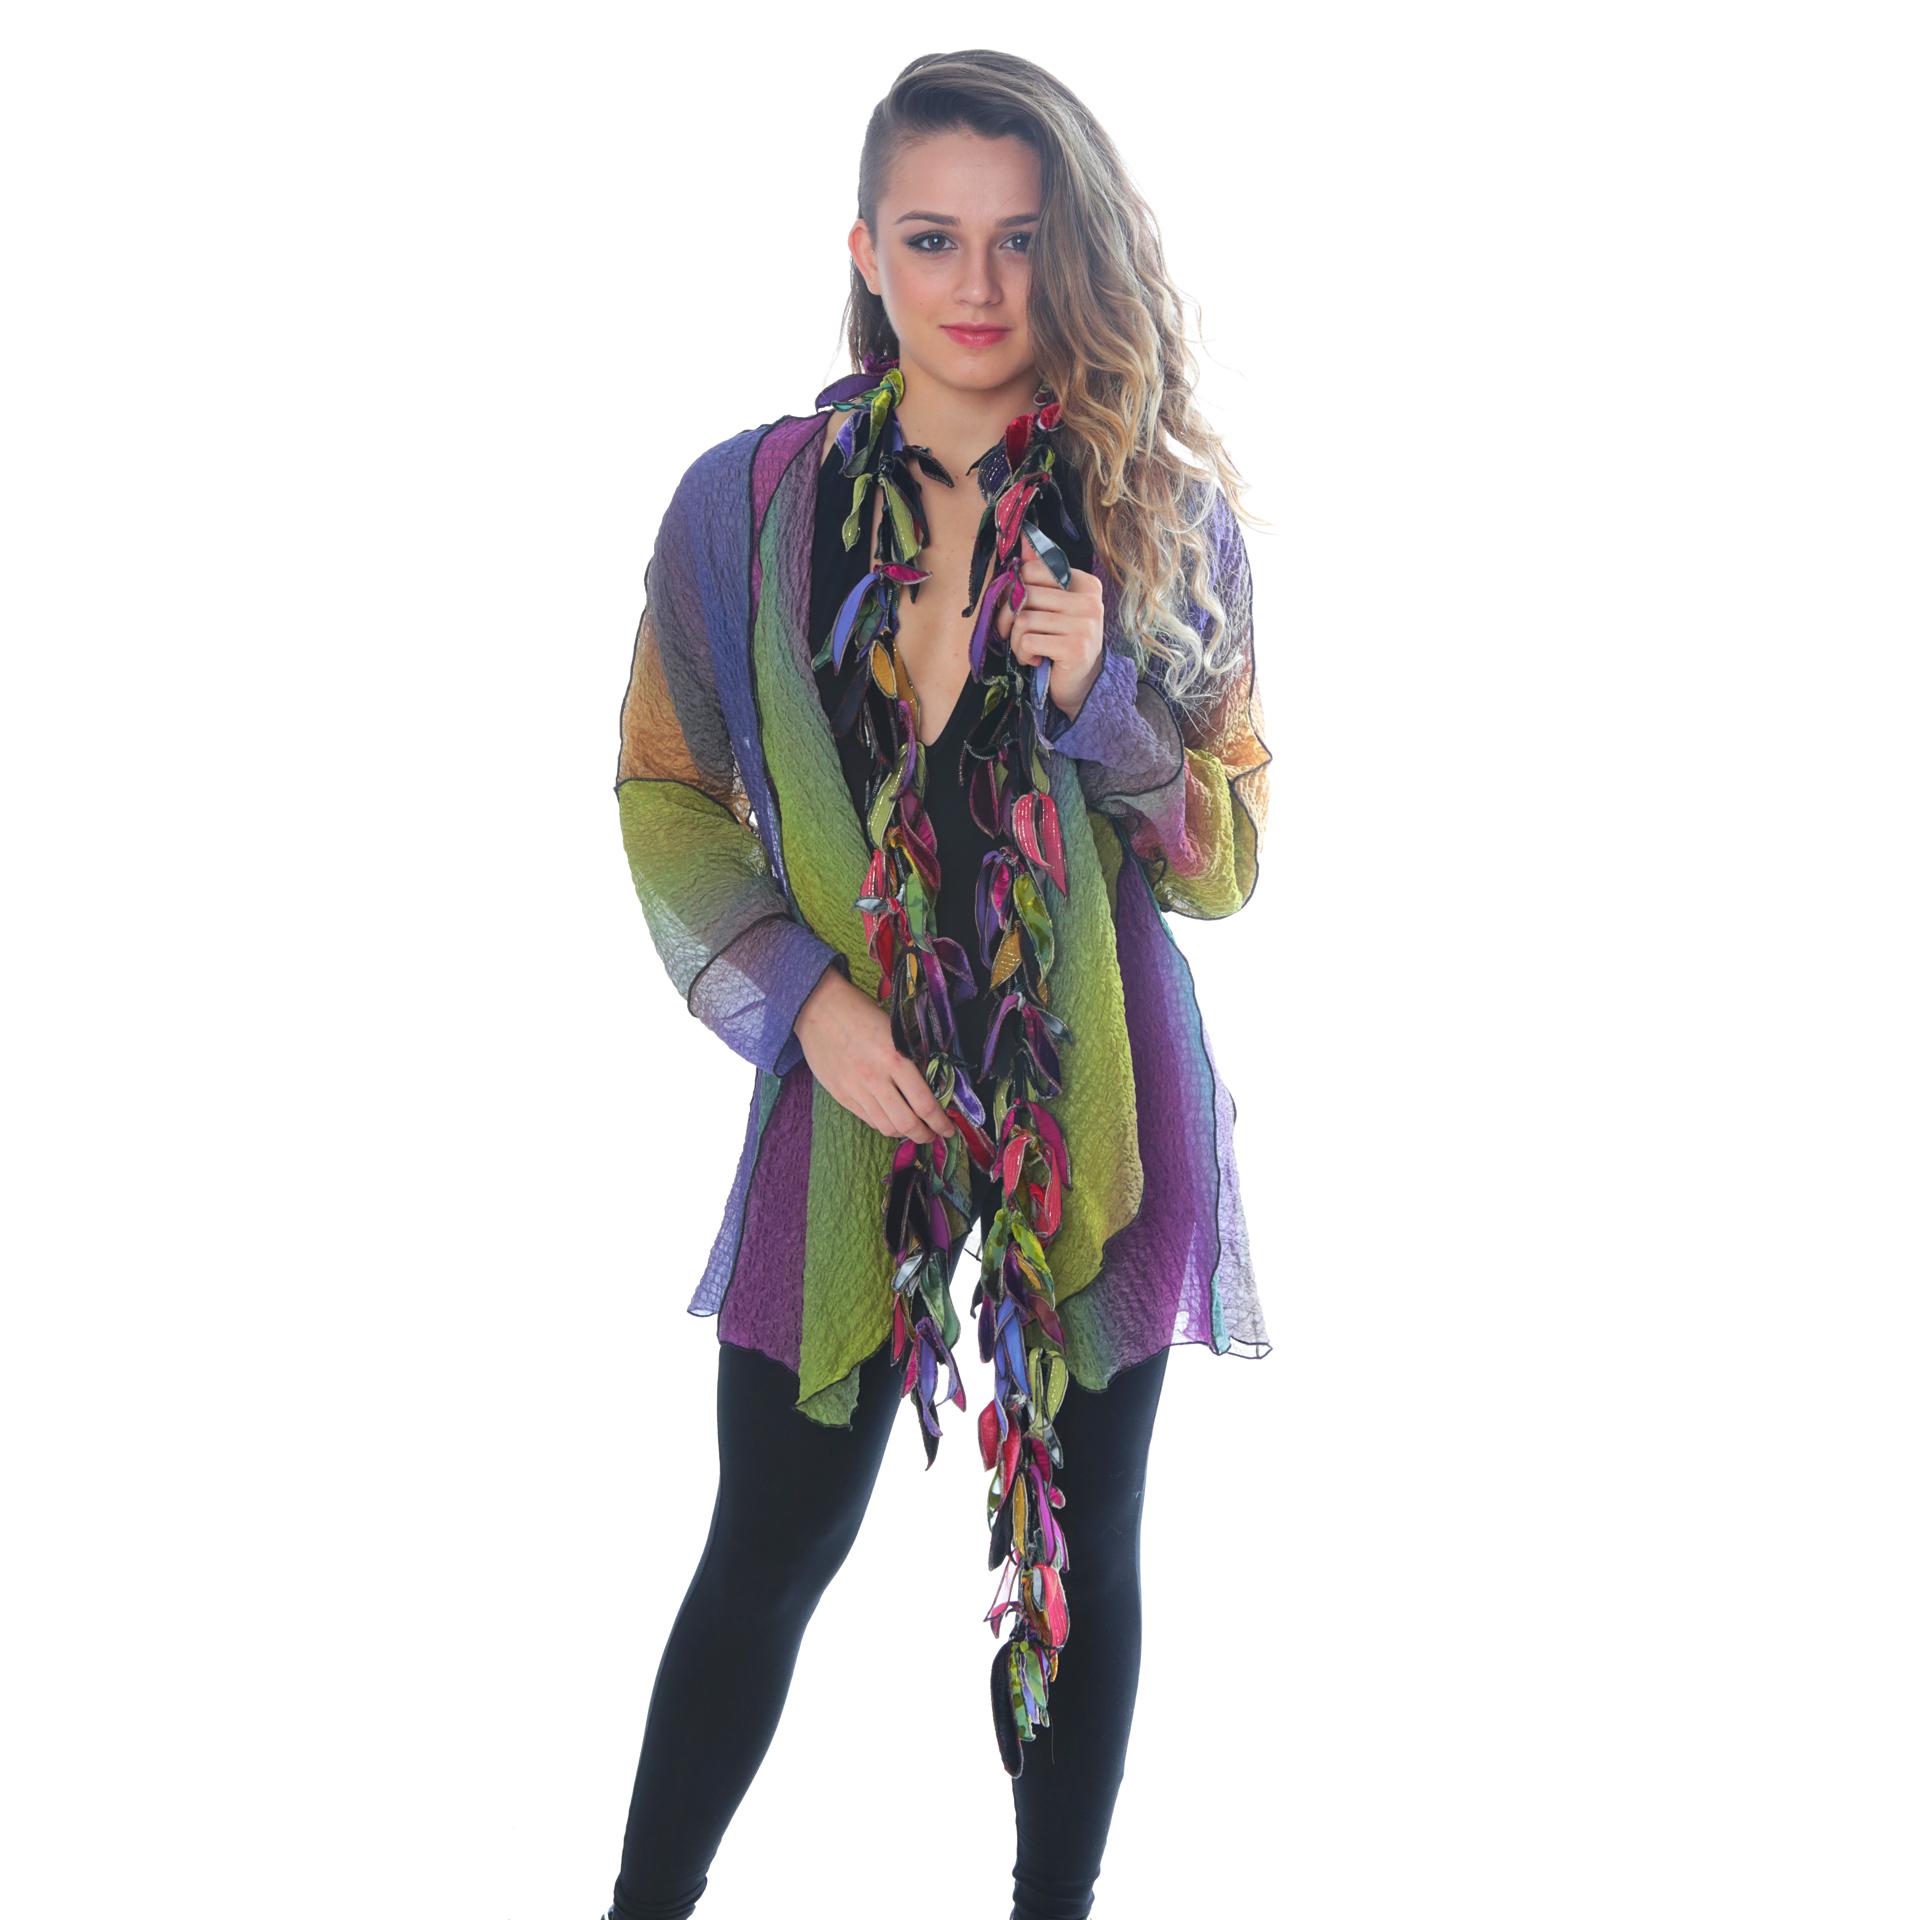 Lisa Mergen Wearable Art